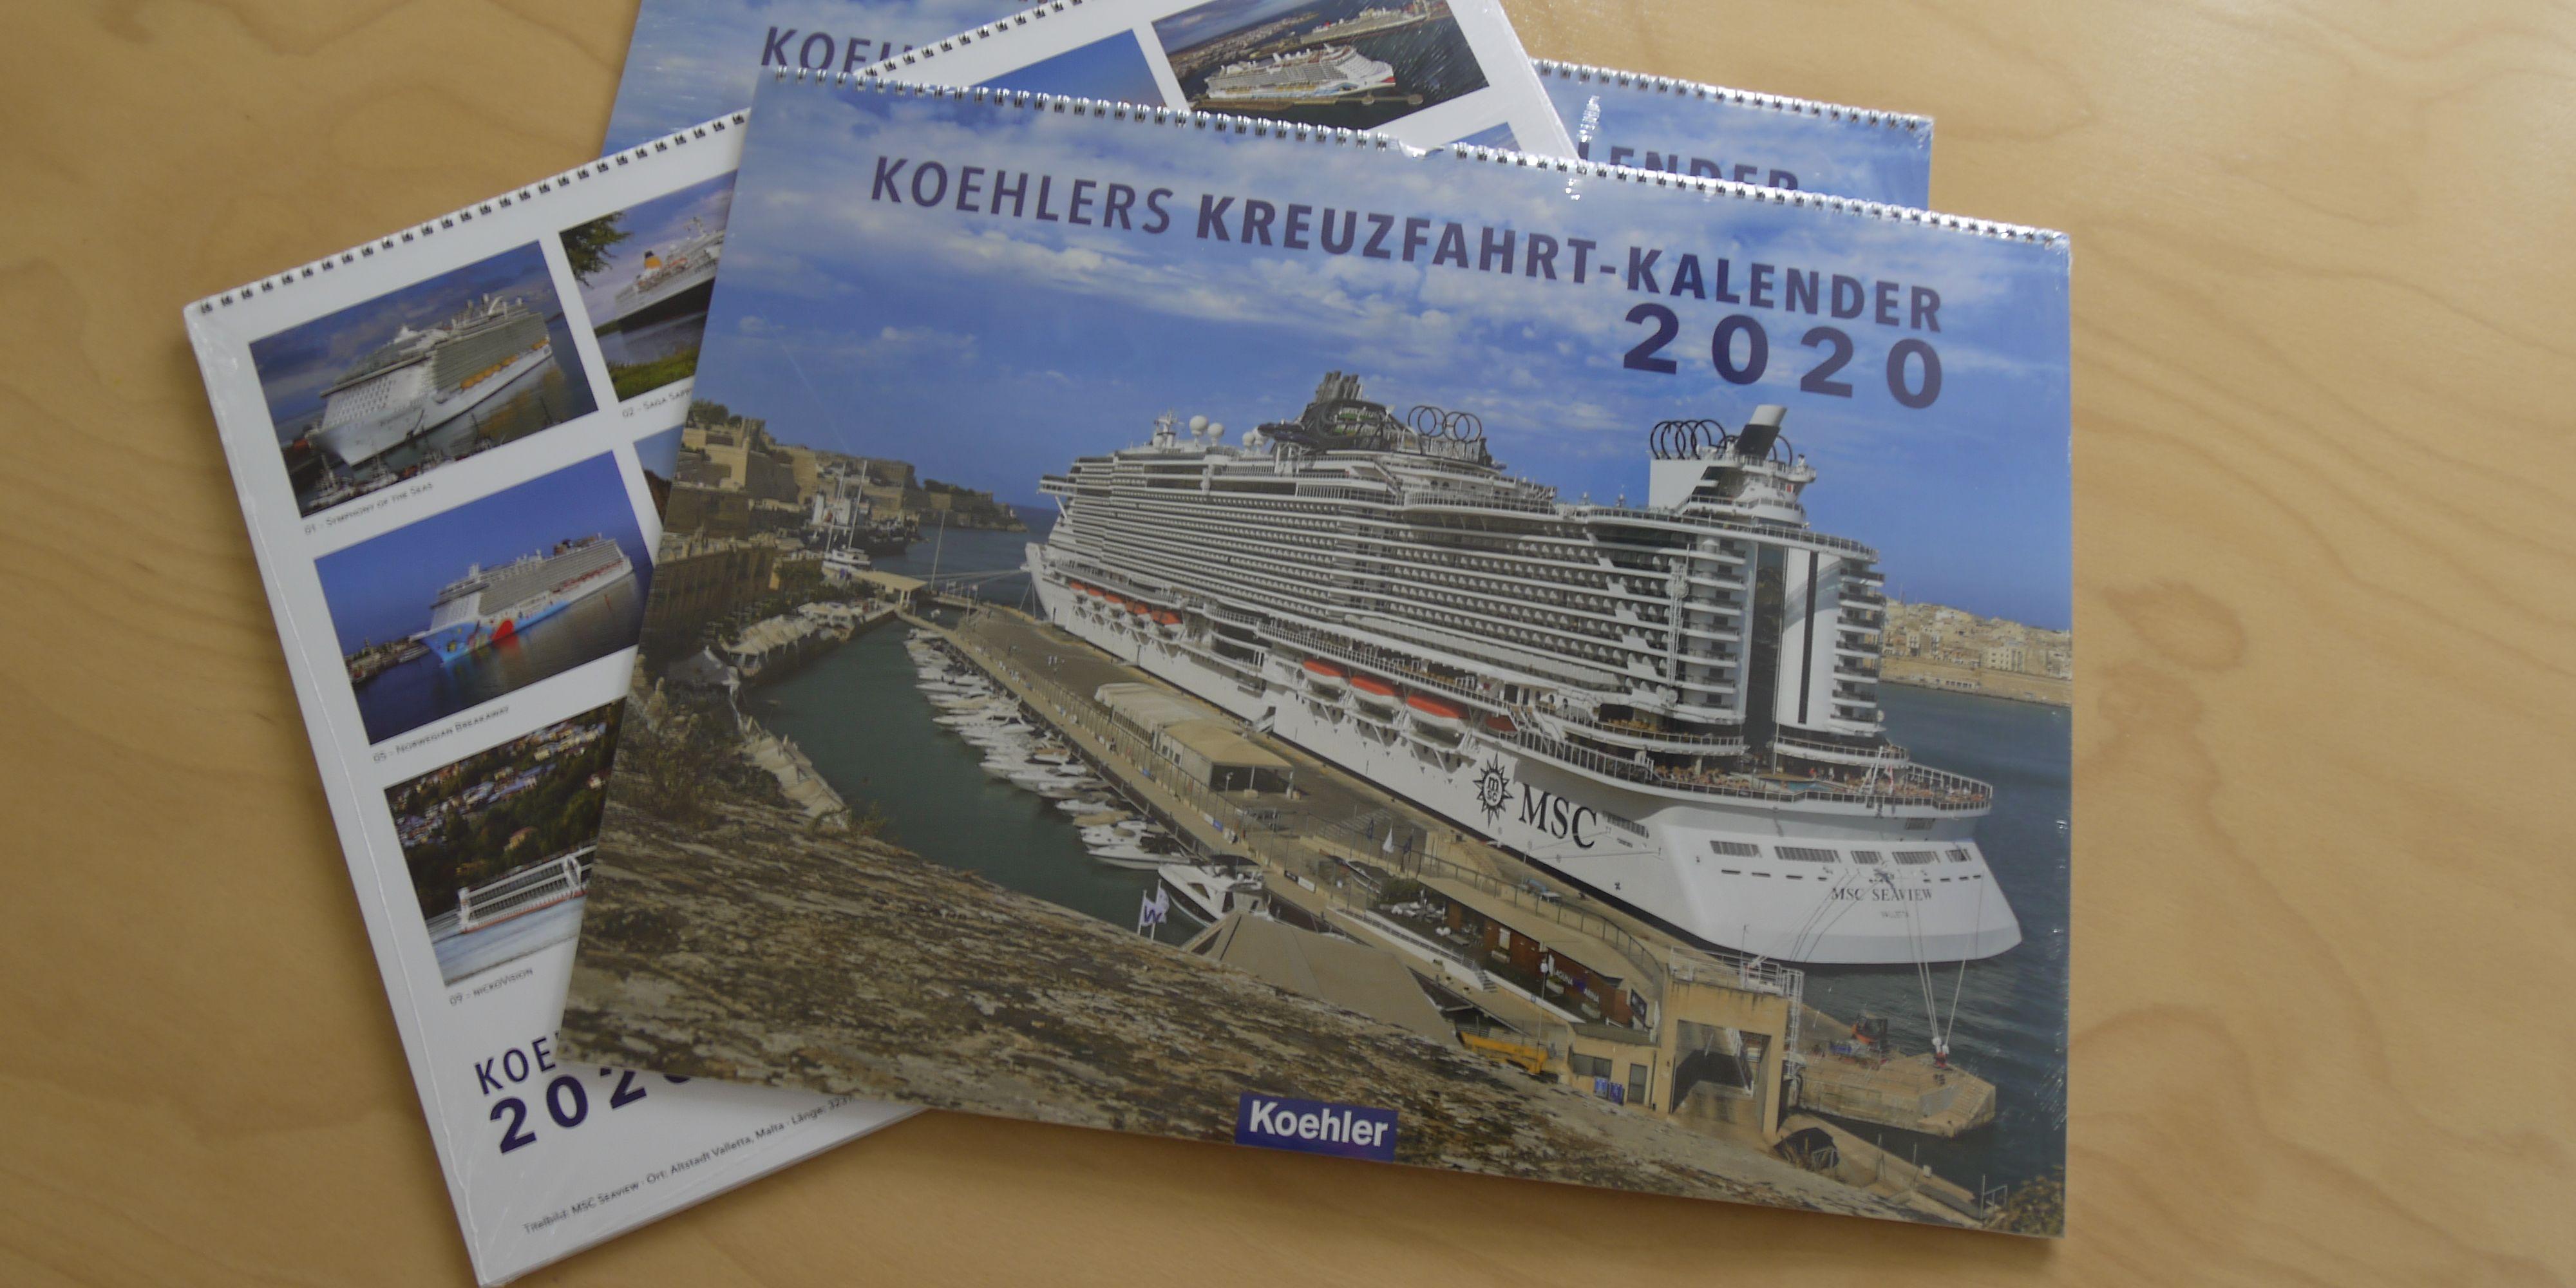 Köhler Kreuzfahrt-Kalender 2020